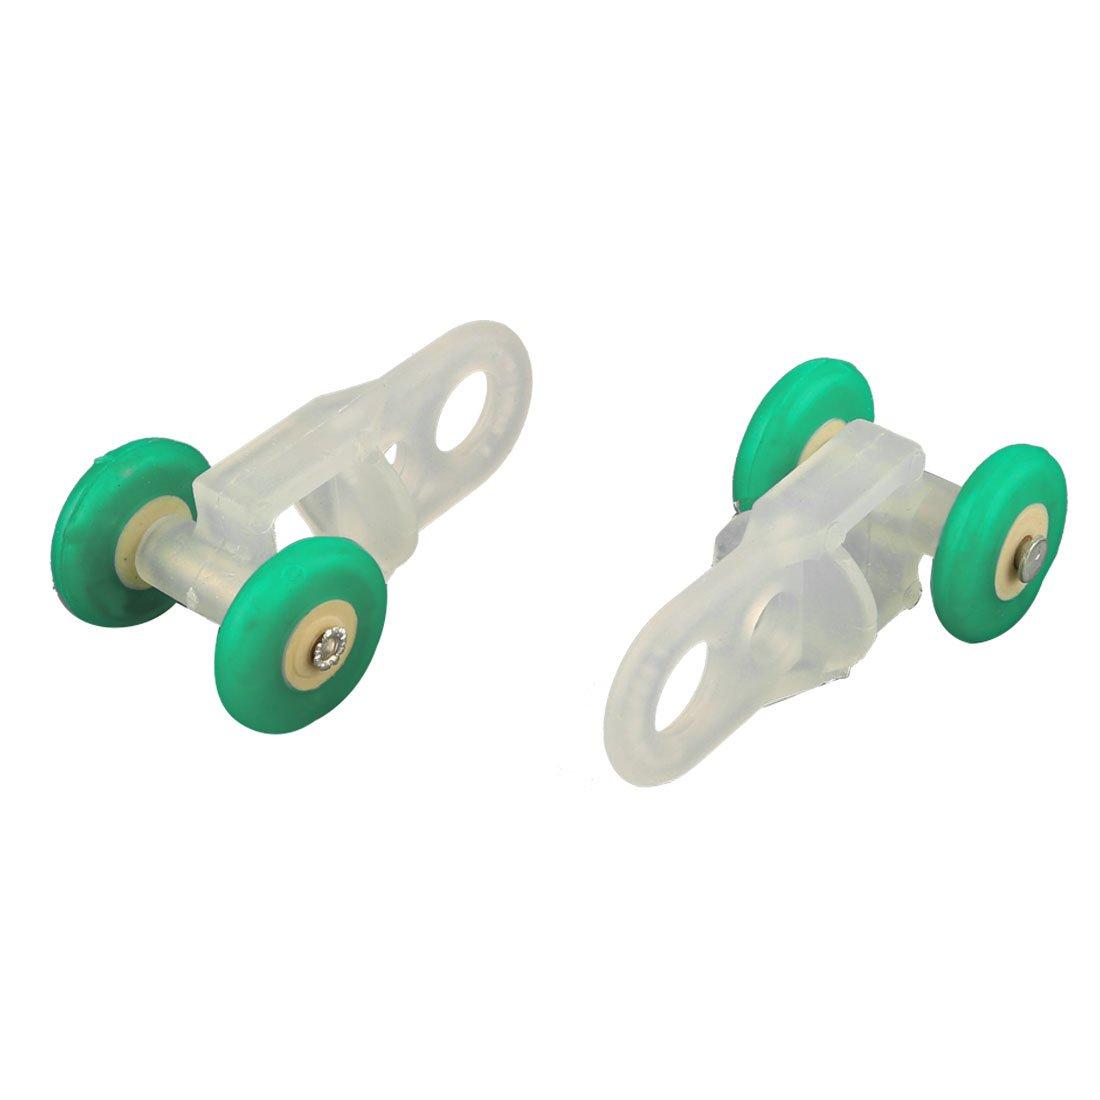 uxcell a15102300ux0836/rodillo pl/ástico cortina Planeador Track Carrier Slide Ruedas 25pcs verde blanco